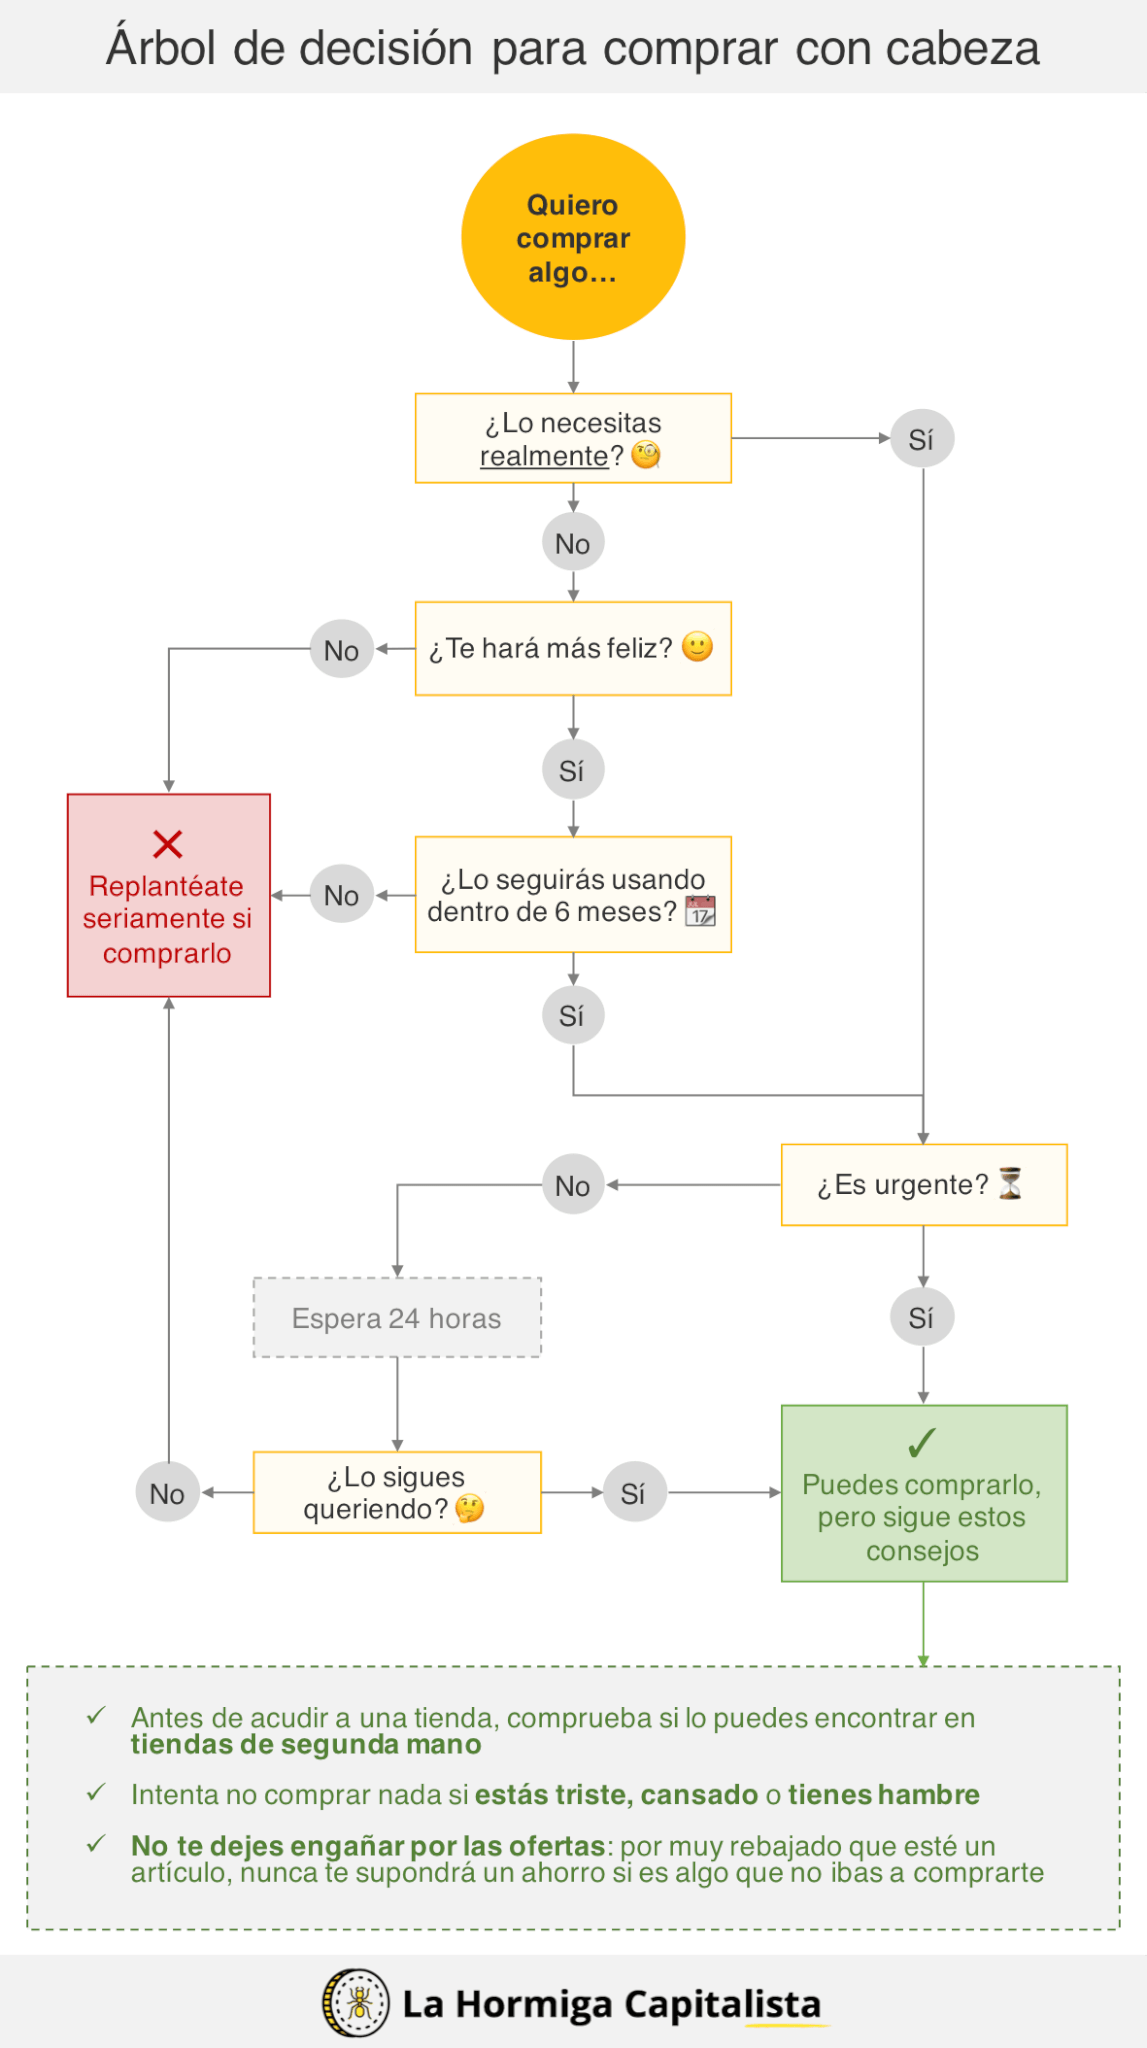 Algoritmo de comprar o árbol de decisión para comprar con cabeza